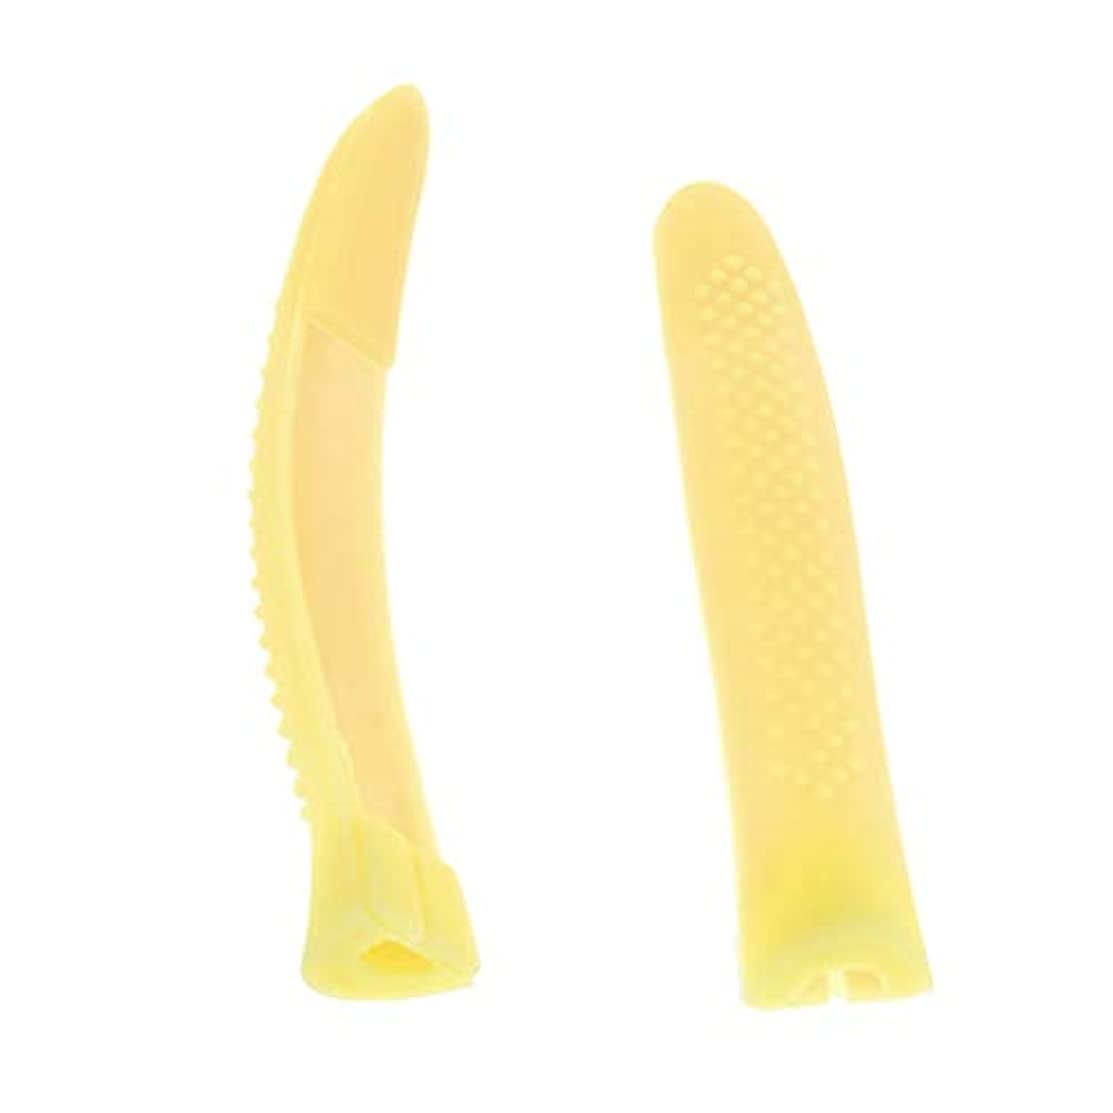 イチゴ強風拍車キューティクルニッパー キャップ 保護スリーブ ネイルニッパー キャップ ニッパーキャップ 全4カラー - 黄